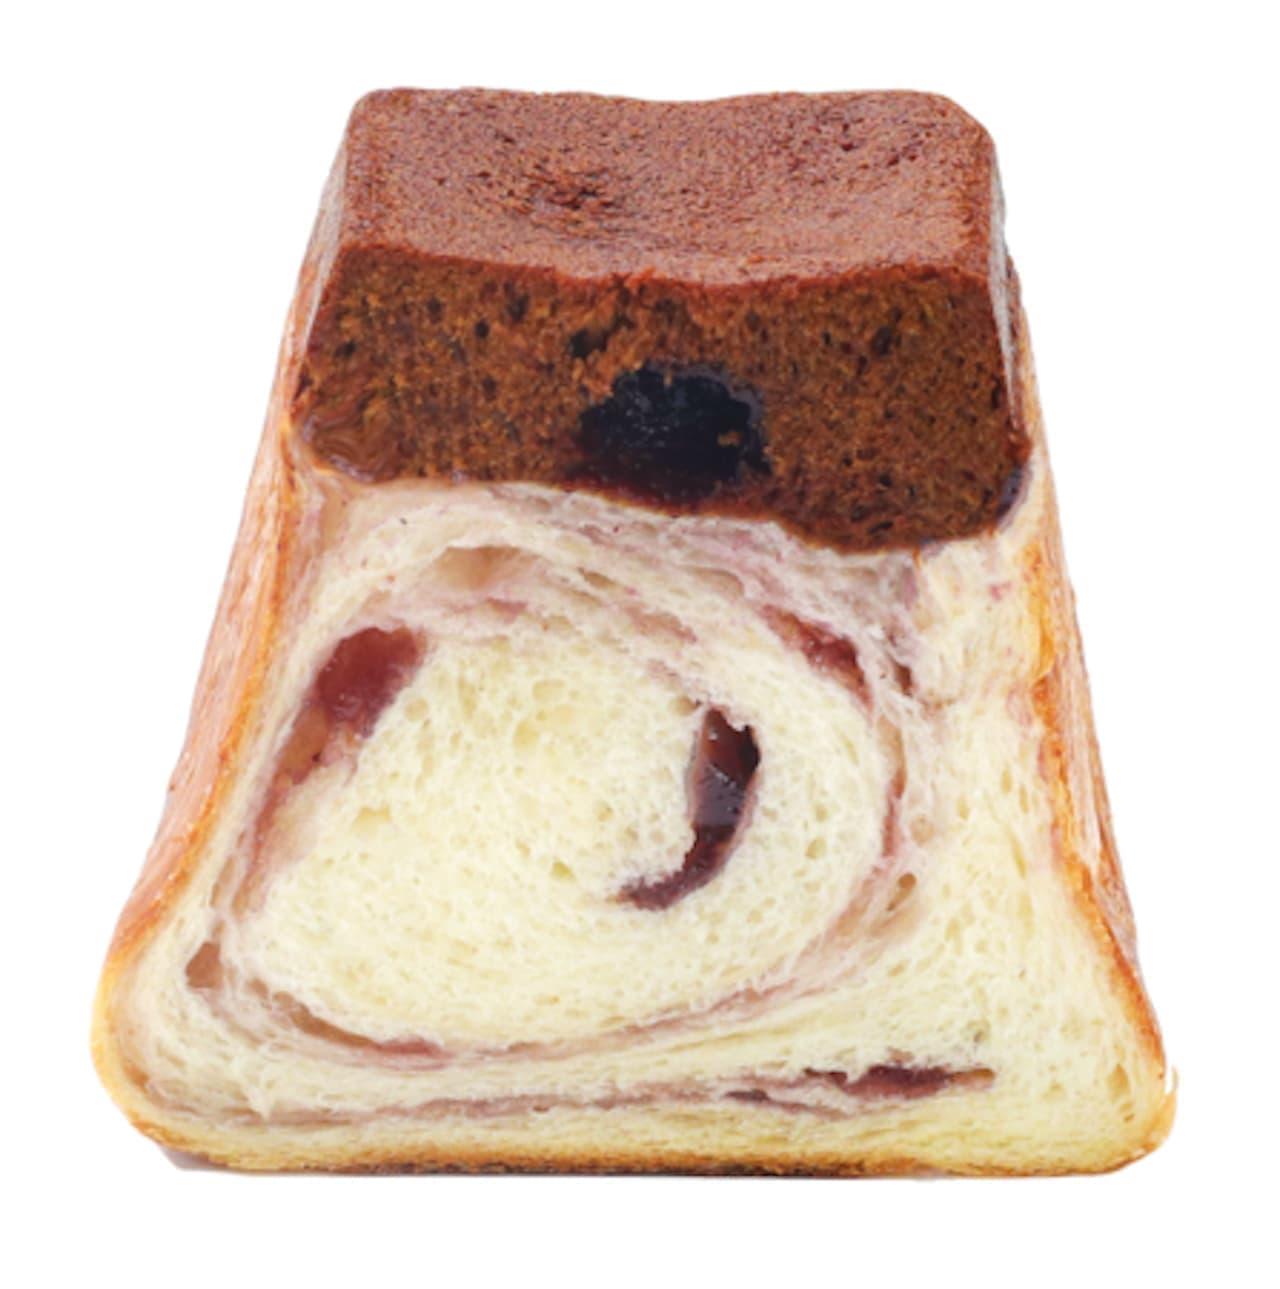 だってプリンがすきなんだもん。「プリン生食パン ブルーベリー」